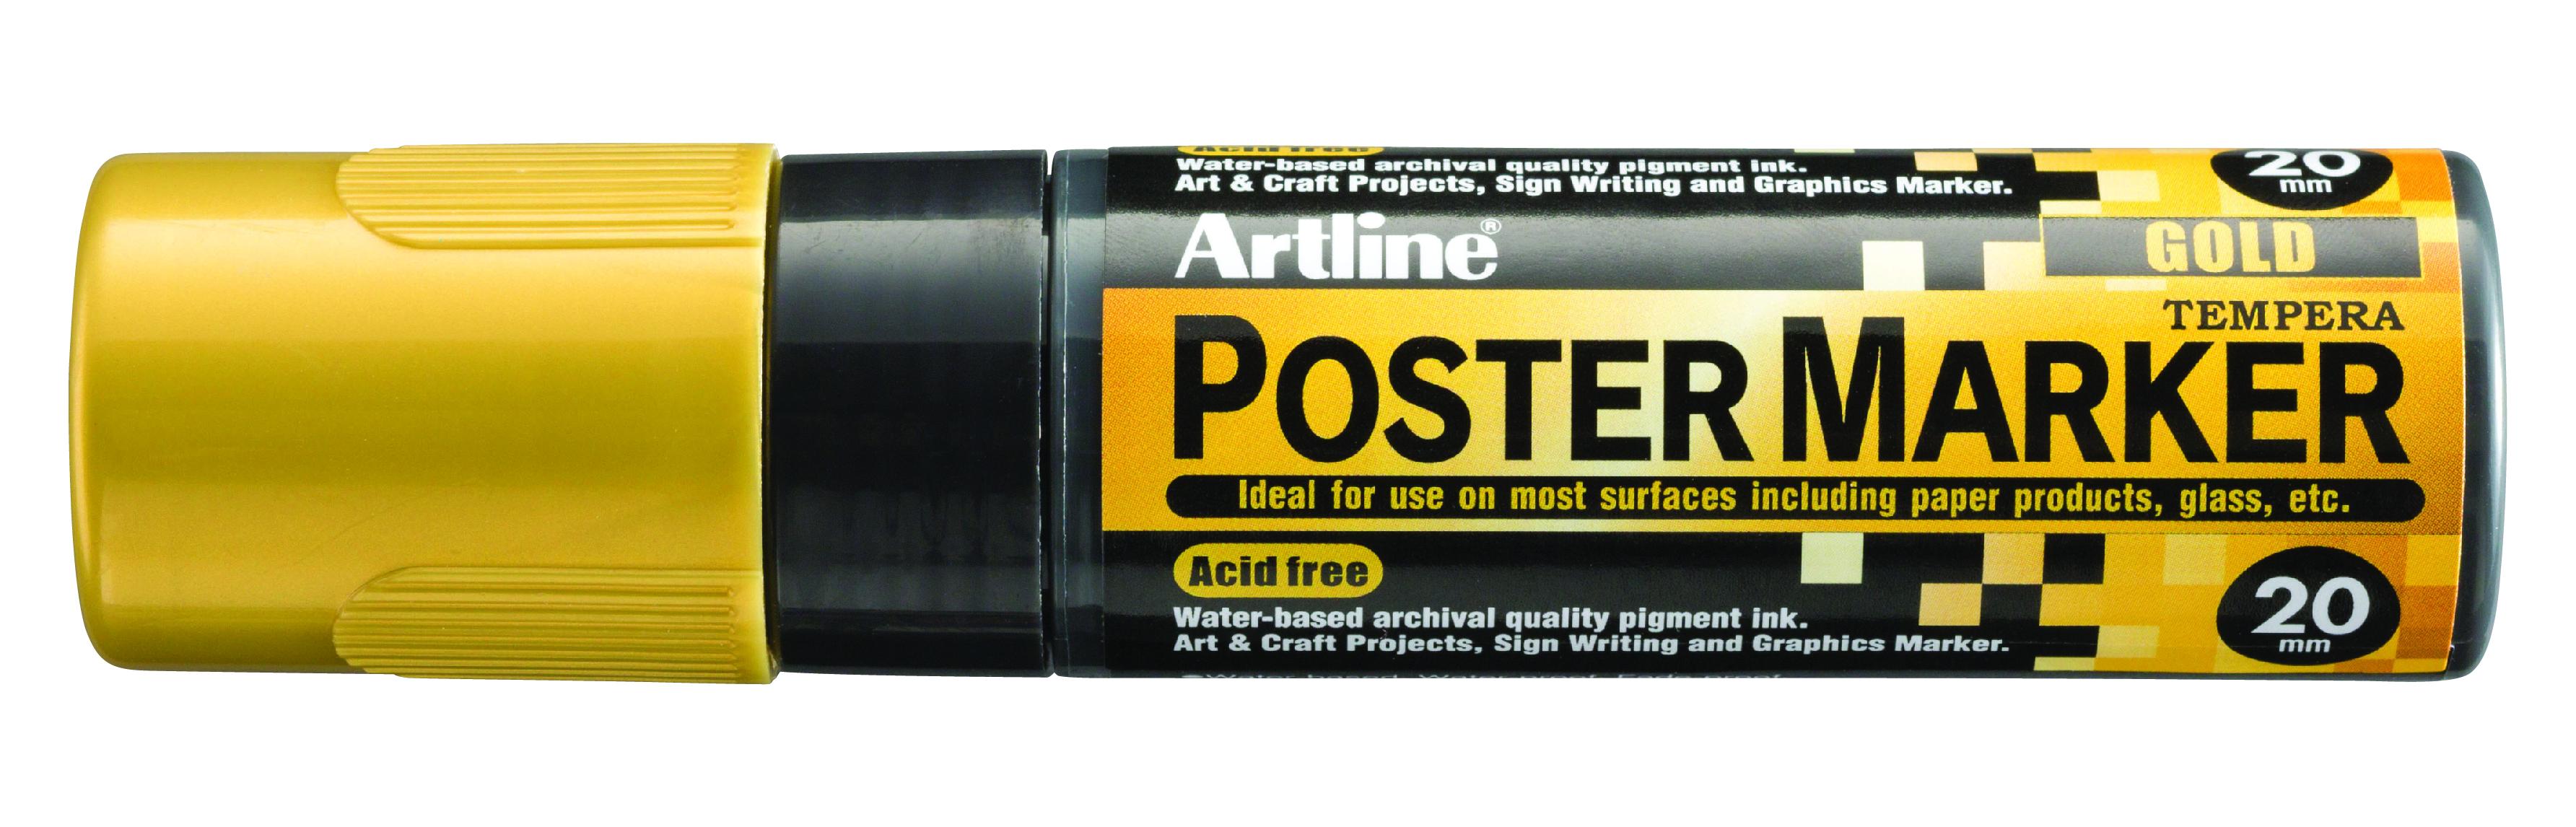 Artline EPP-20 PosterMarker 20mm merkepenn Gull